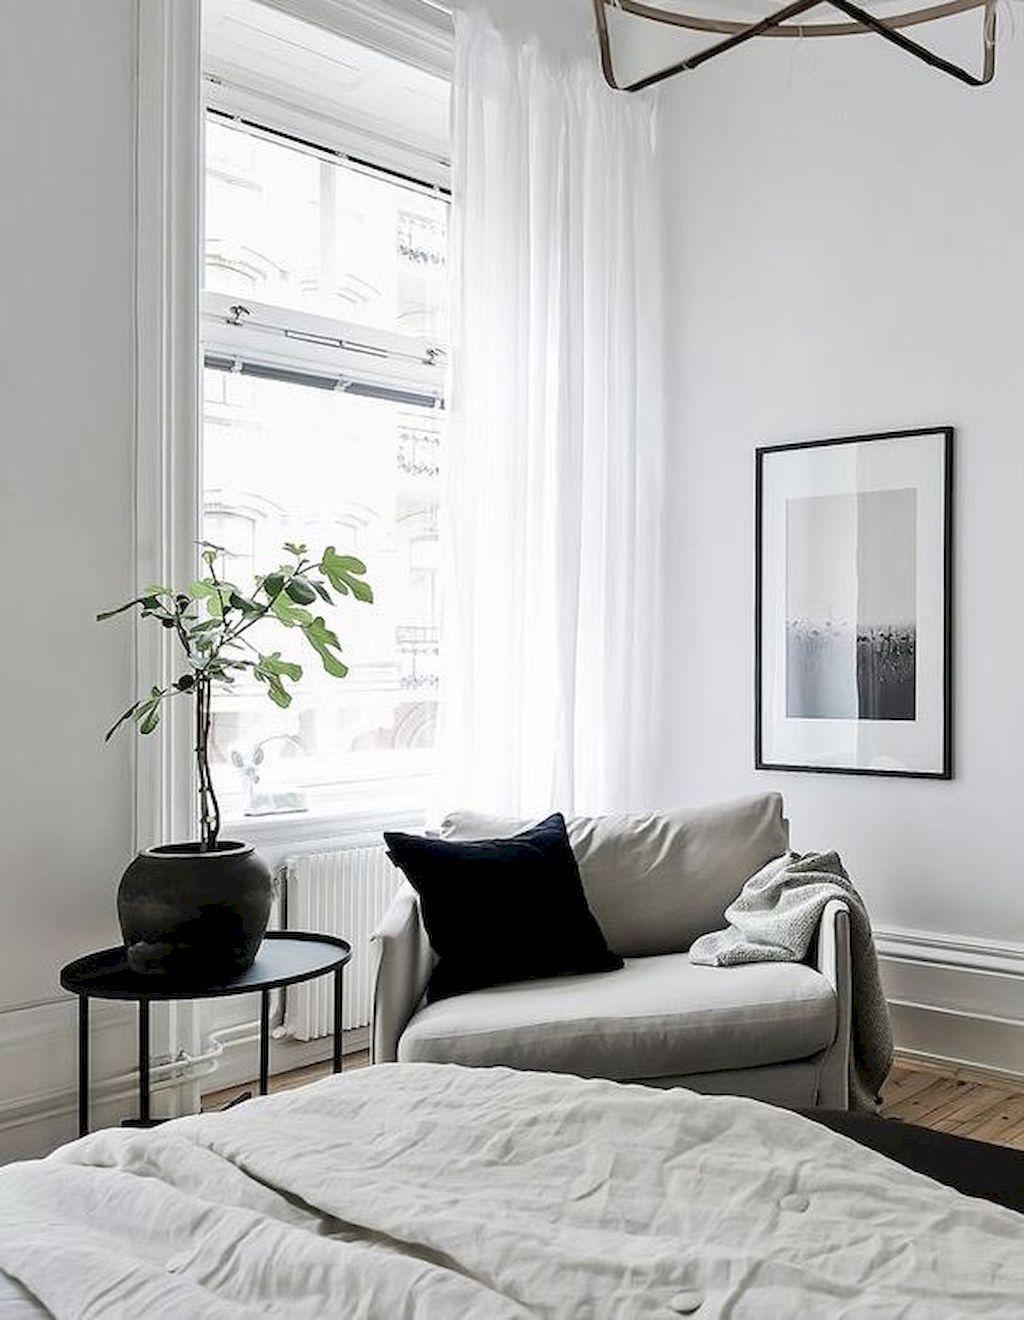 Adorable 75 Modern Minimalist Bedroom Https://decorapartment.com/75 Modern.  Schlafzimmer InspirationWohnzimmer EinrichtenWg ...